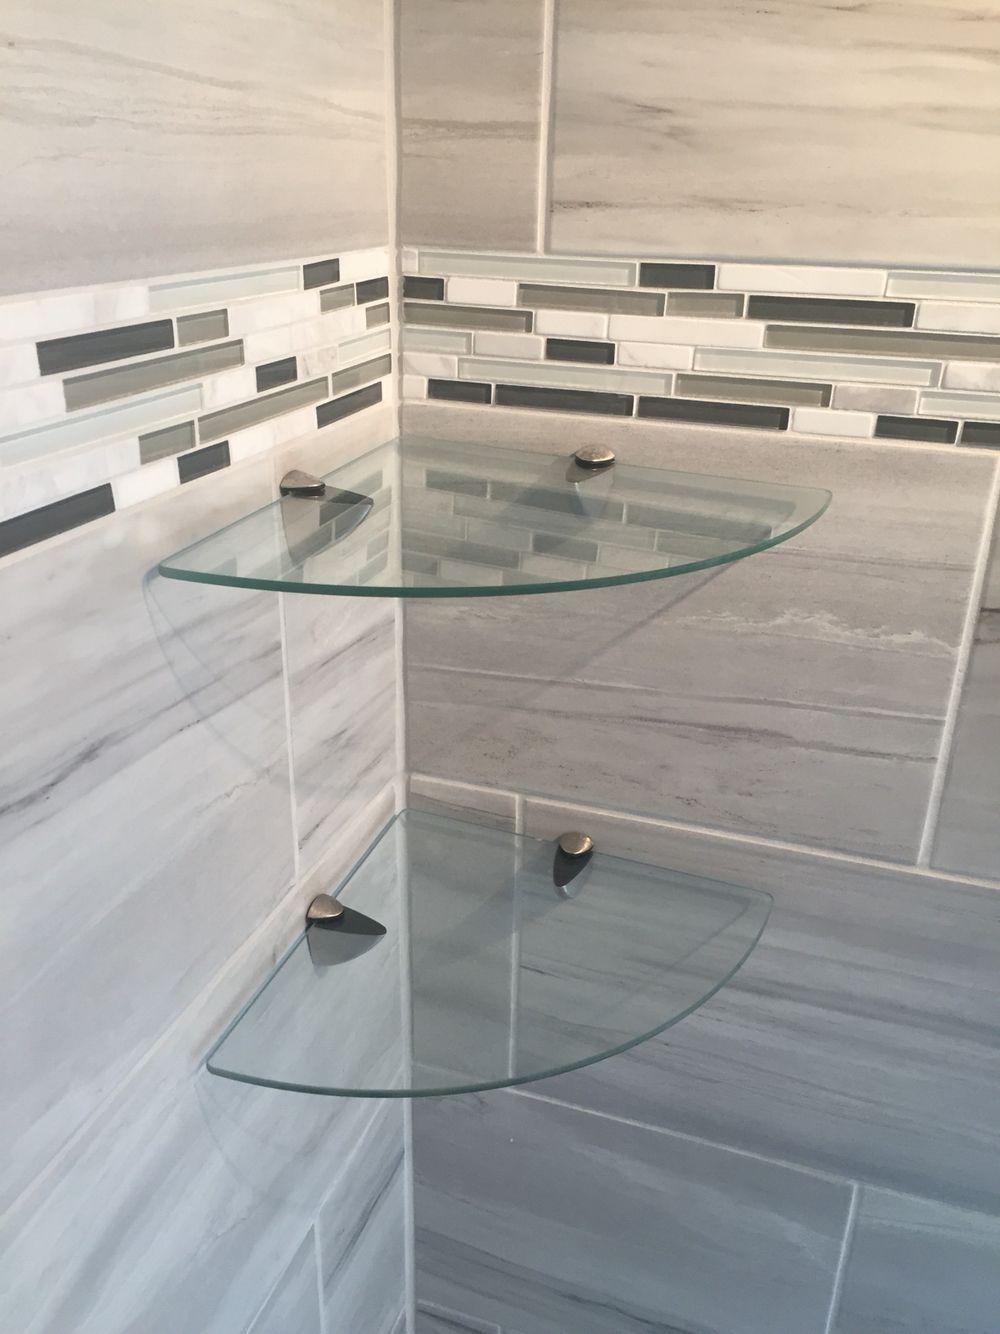 Appropriate Use Of Shower Shelves Shower Shelves Bathroom Shower Glass Corner Shelves Http Www Amaz Shower Shelves Glass Corner Shelves Floating Shelves Diy